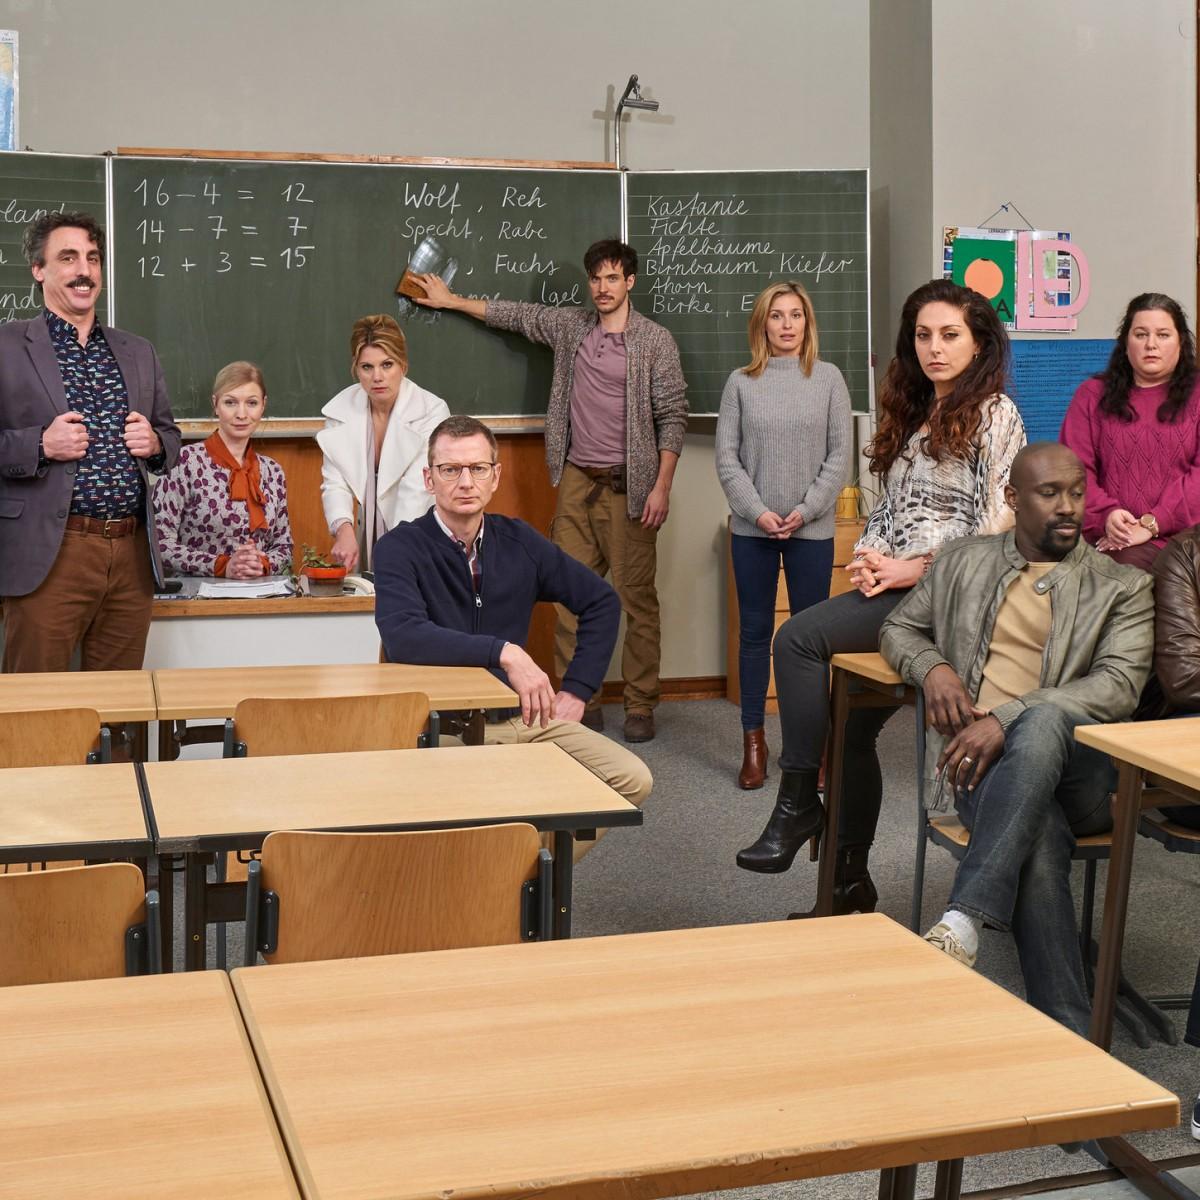 """[UPDATE] Neuer Serien-Freitag in Sat.1 mit """"Die Läusemutter"""" und """"Think Big!"""" – Mit Kessler, Nadolny, Plaß und Cetinkaya – Bild: Sat.1/Frank Dicks"""